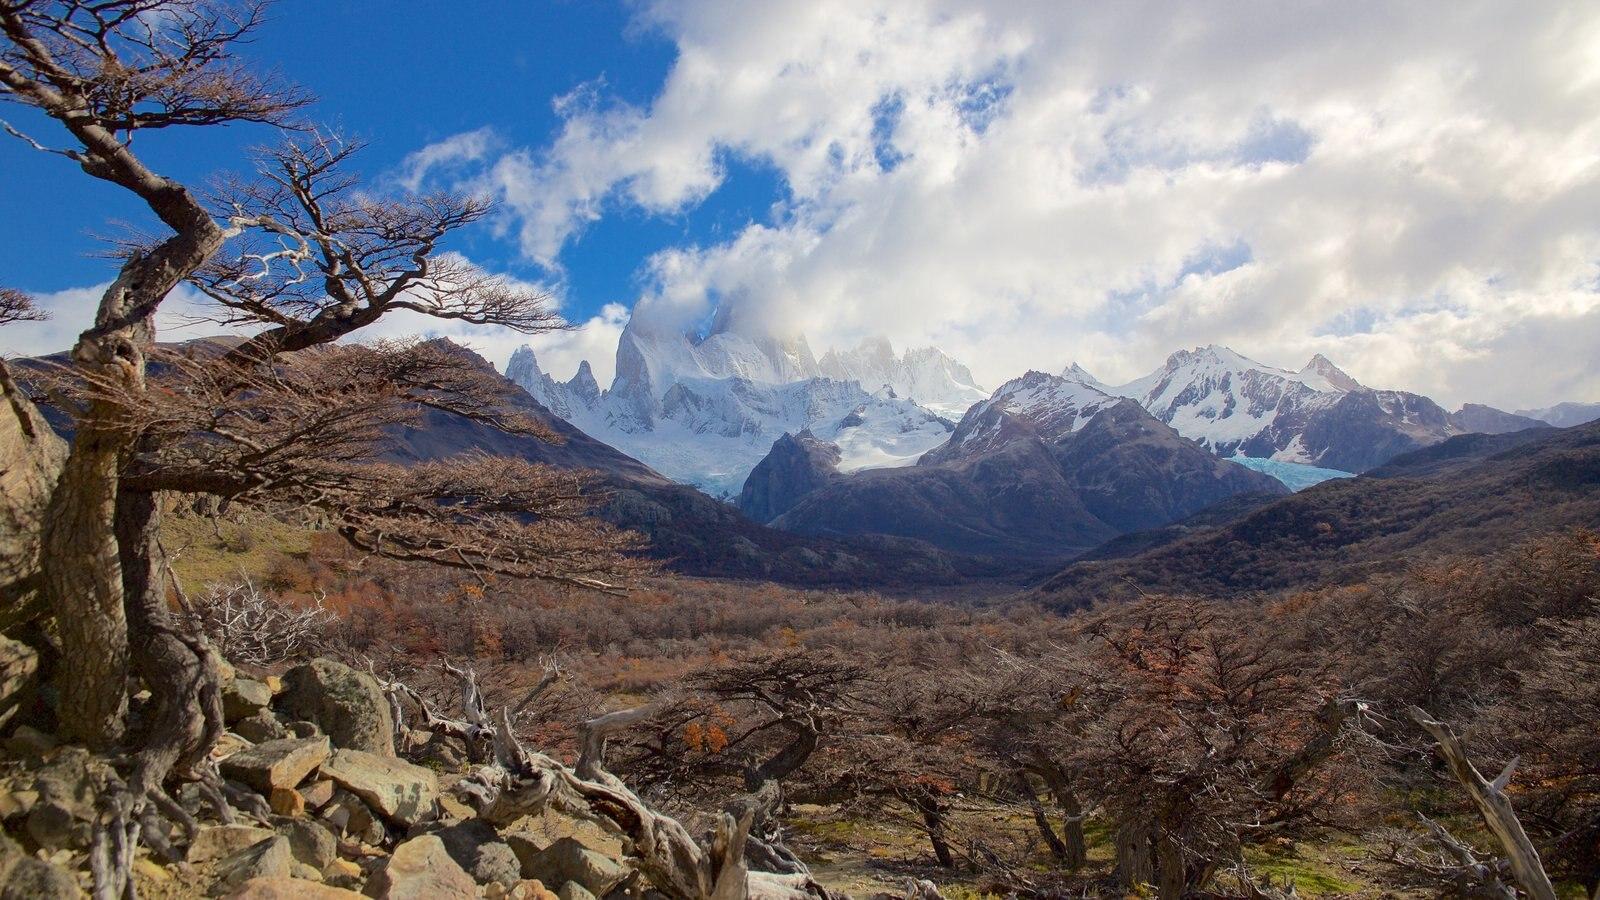 Parque Nacional Los Glaciares mostrando paisagem, montanhas e cenas tranquilas